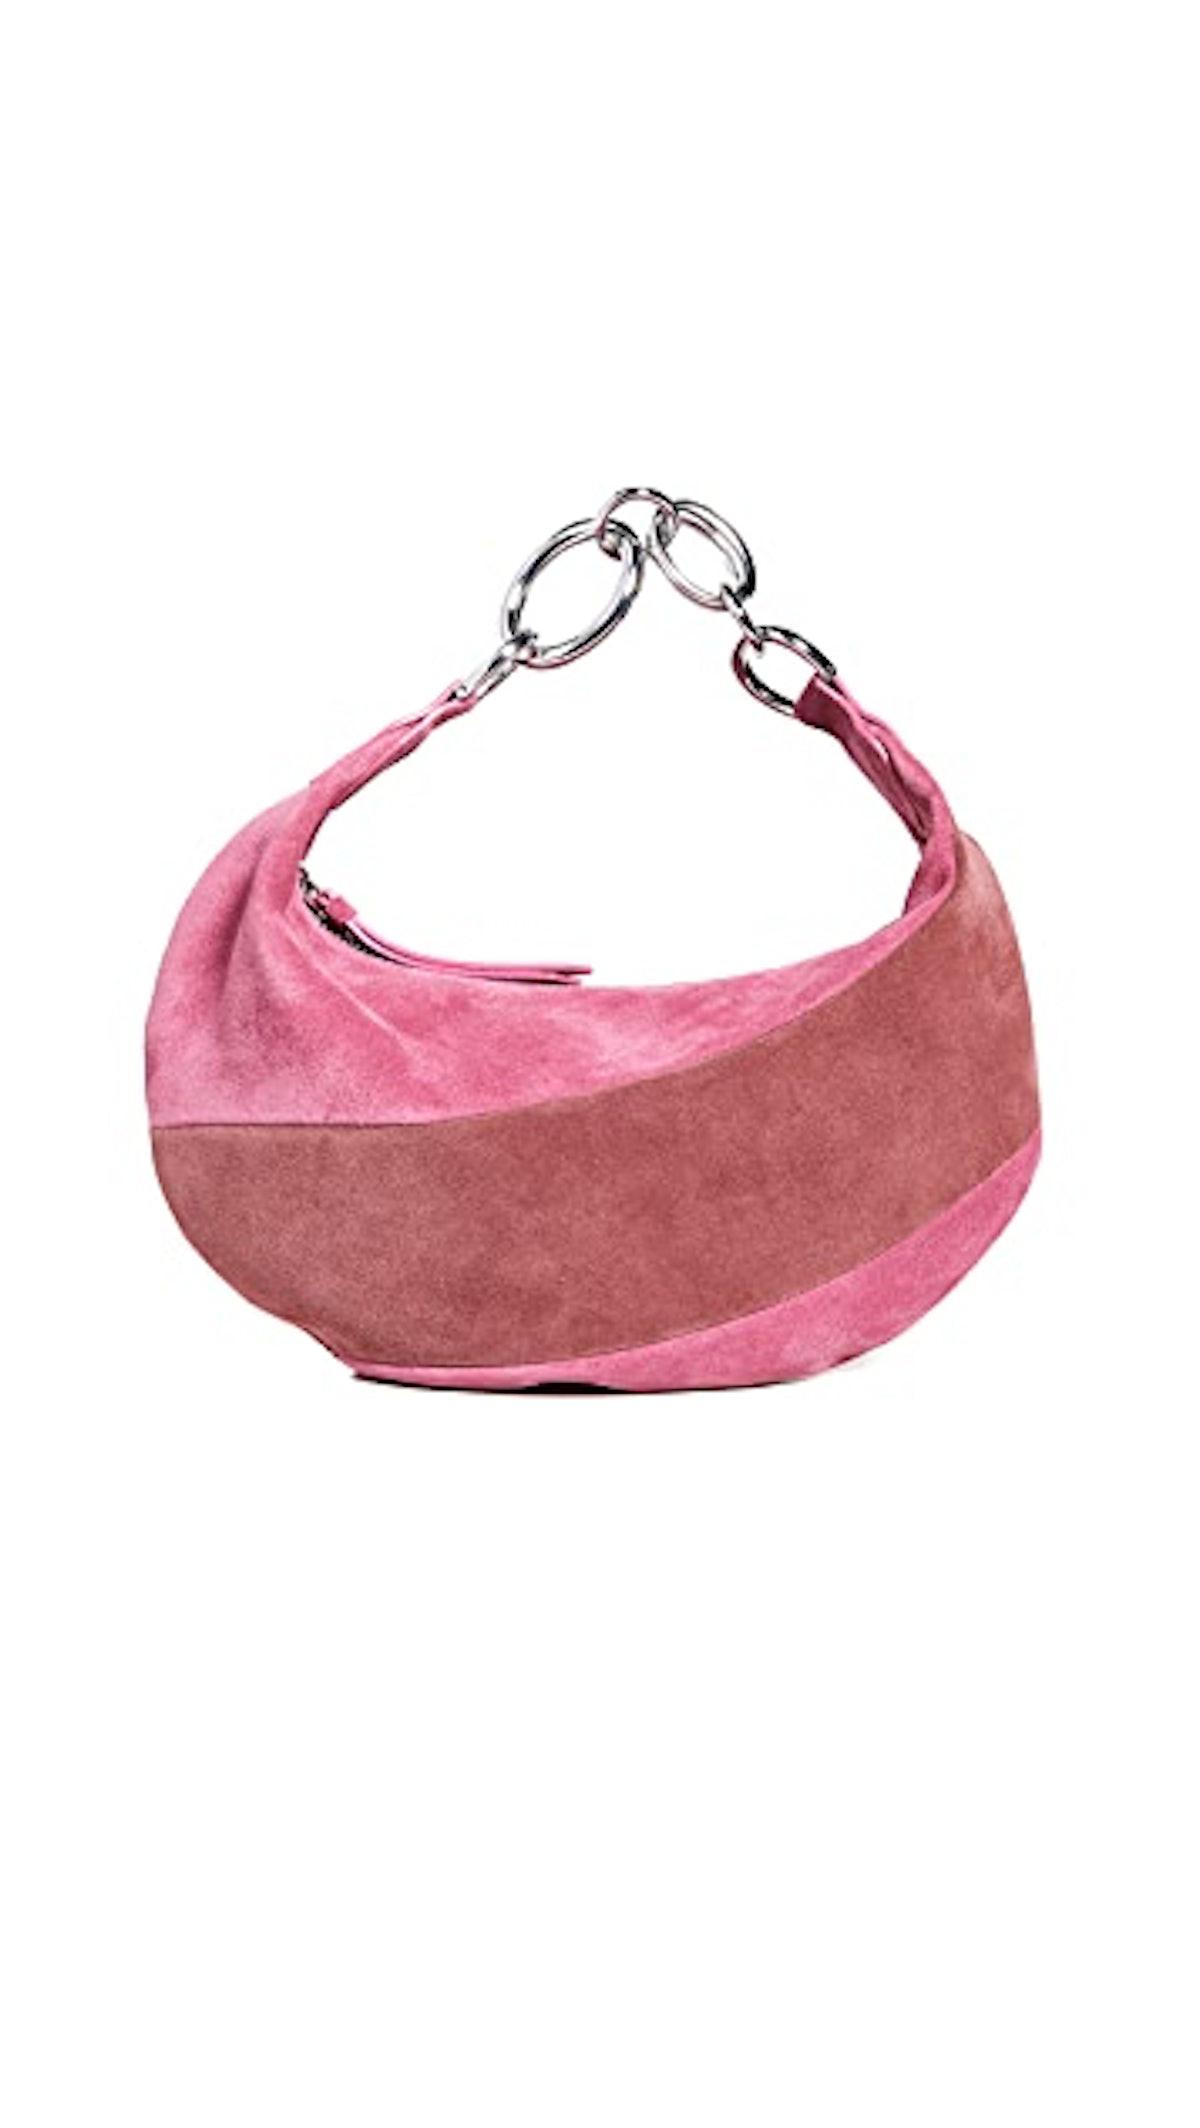 Bougie Bag